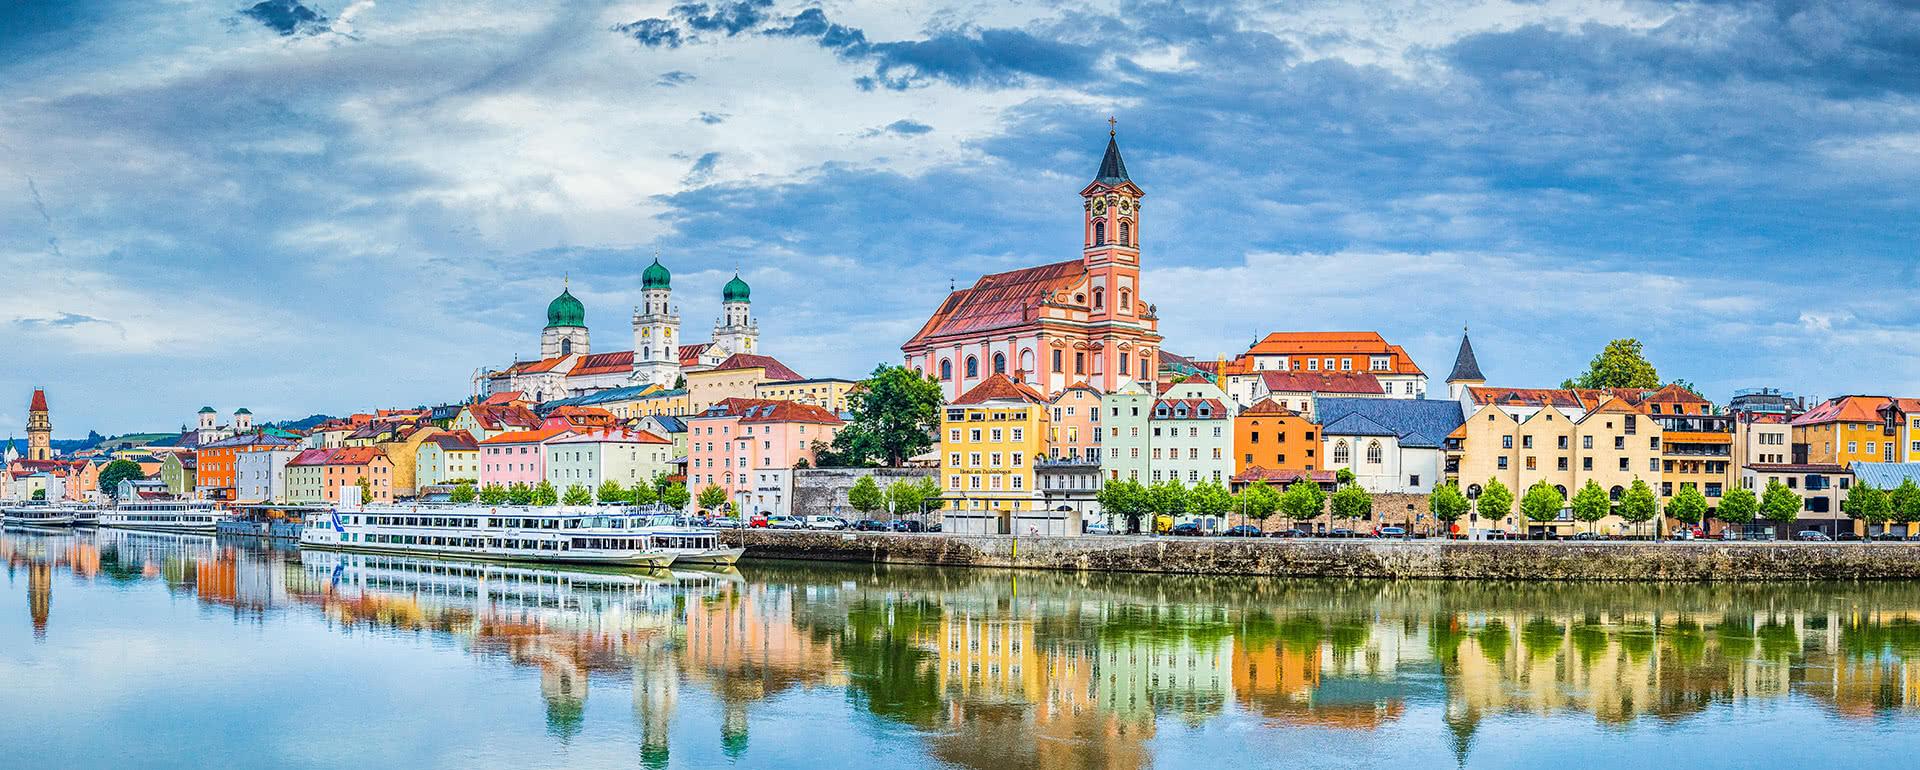 Titelbild von Passau